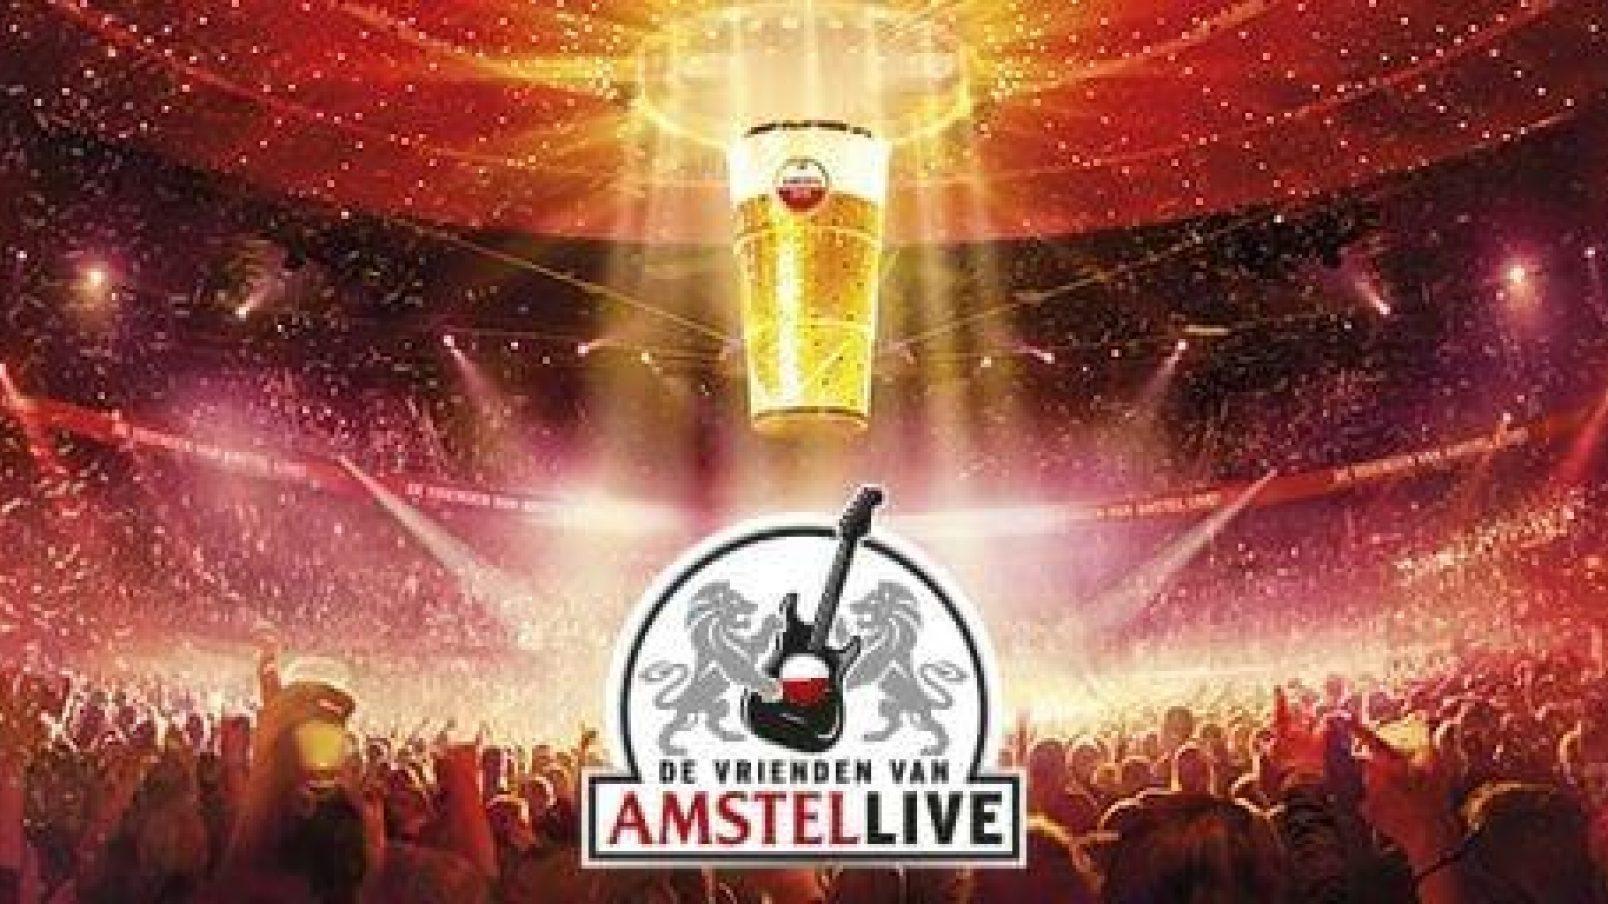 Kaarten voor Amstel Live beschikbaar